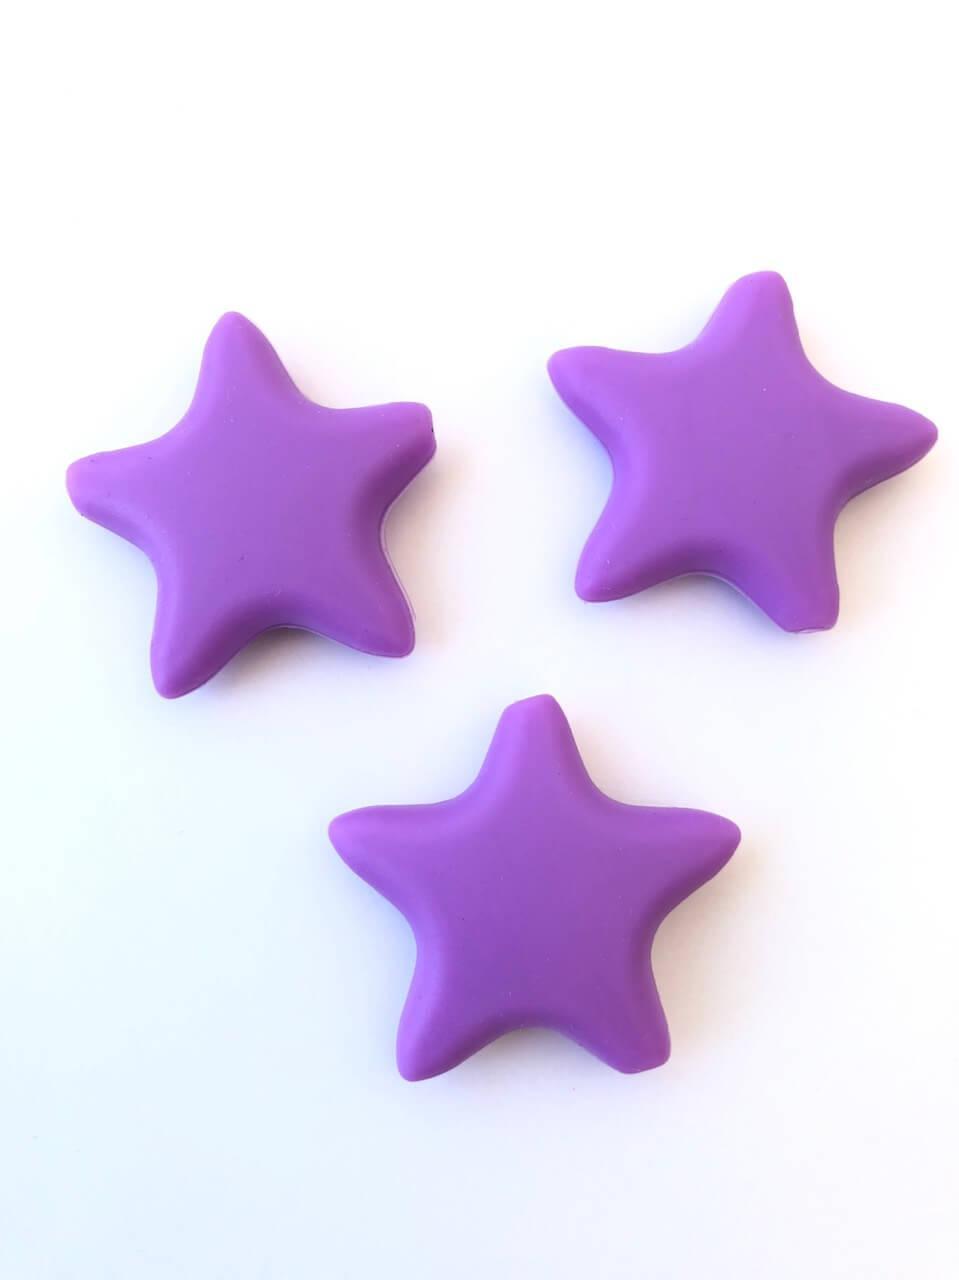 Звезда  острокон. (сирень), бусины из пищевого силикона